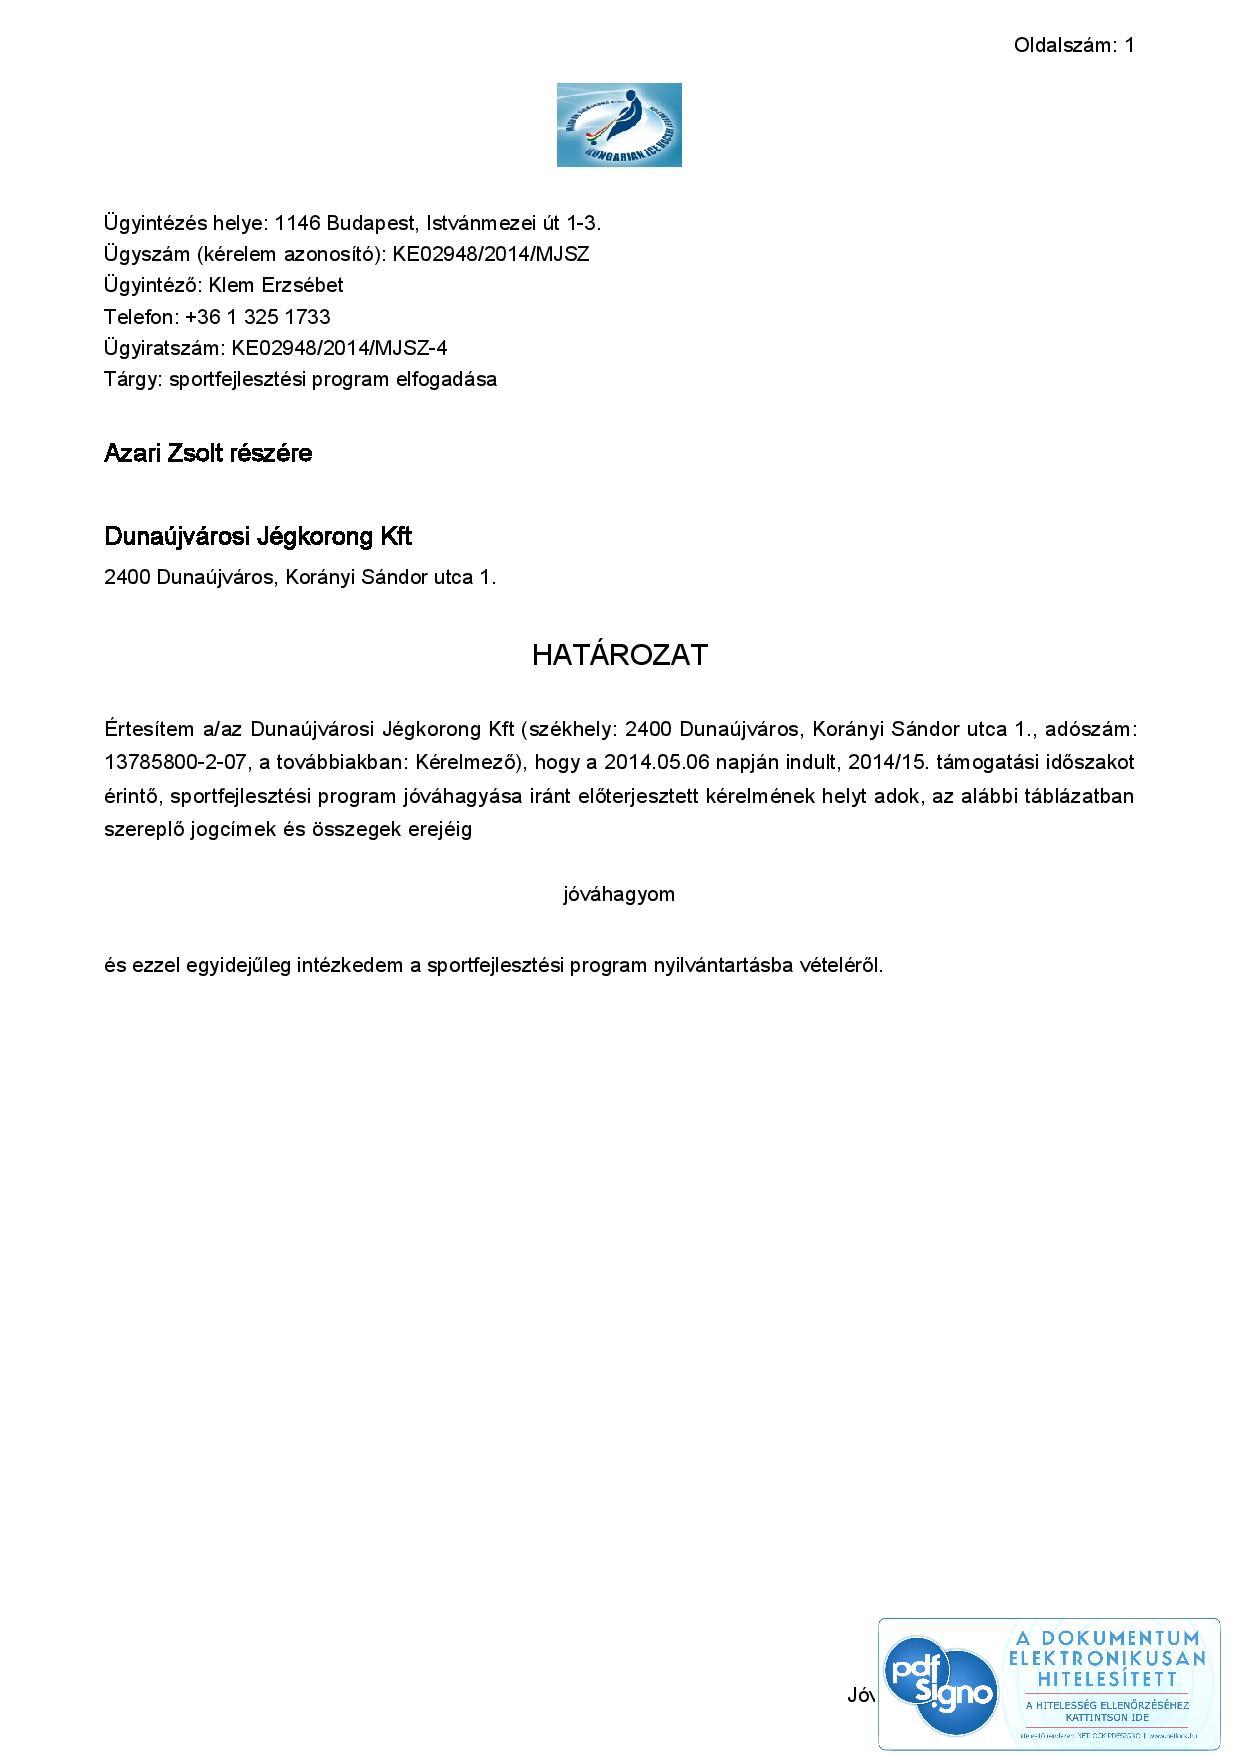 elfogadó határozat djk tao 2014_15-page-001